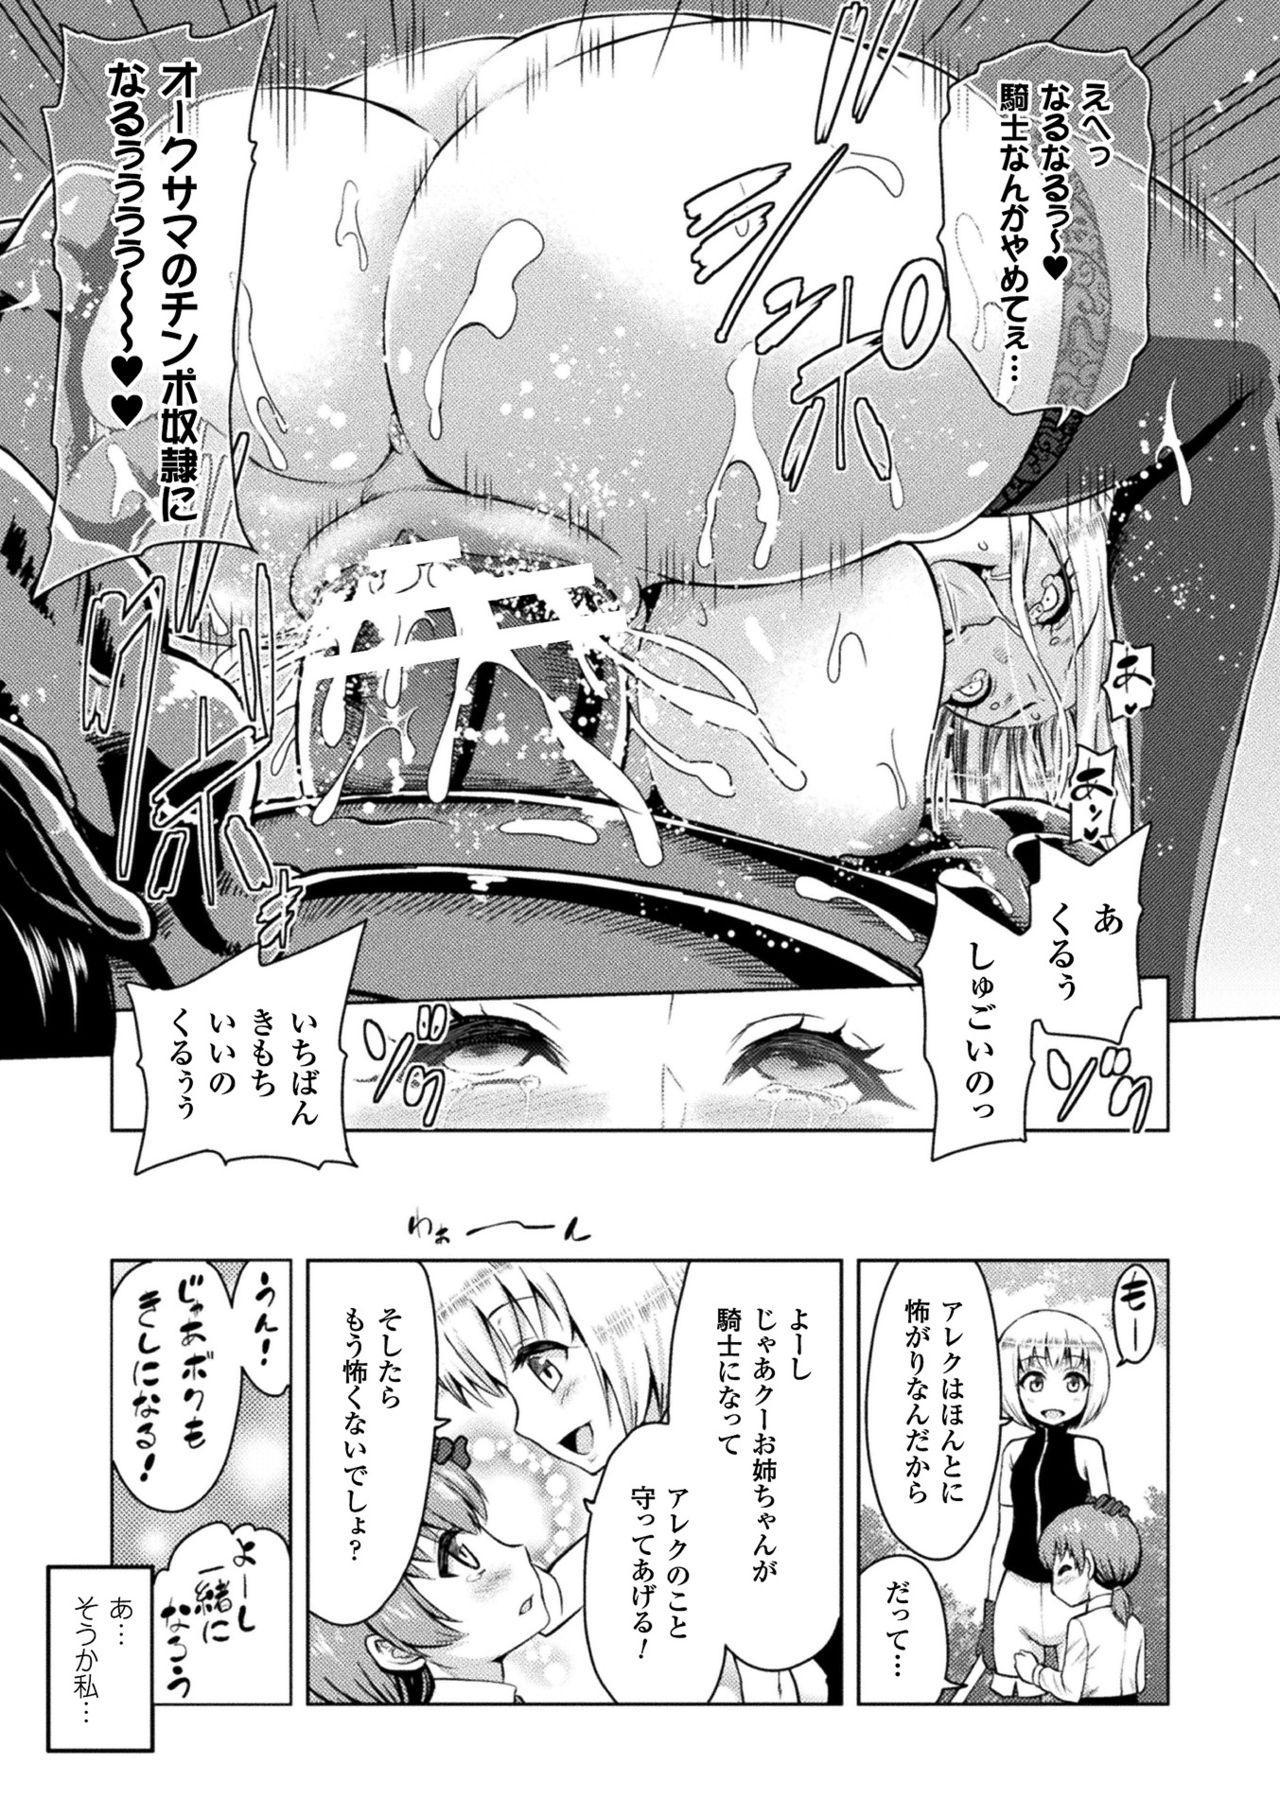 ERONA Orc no Inmon ni Okasareta Onna Kishi no Matsuro 70